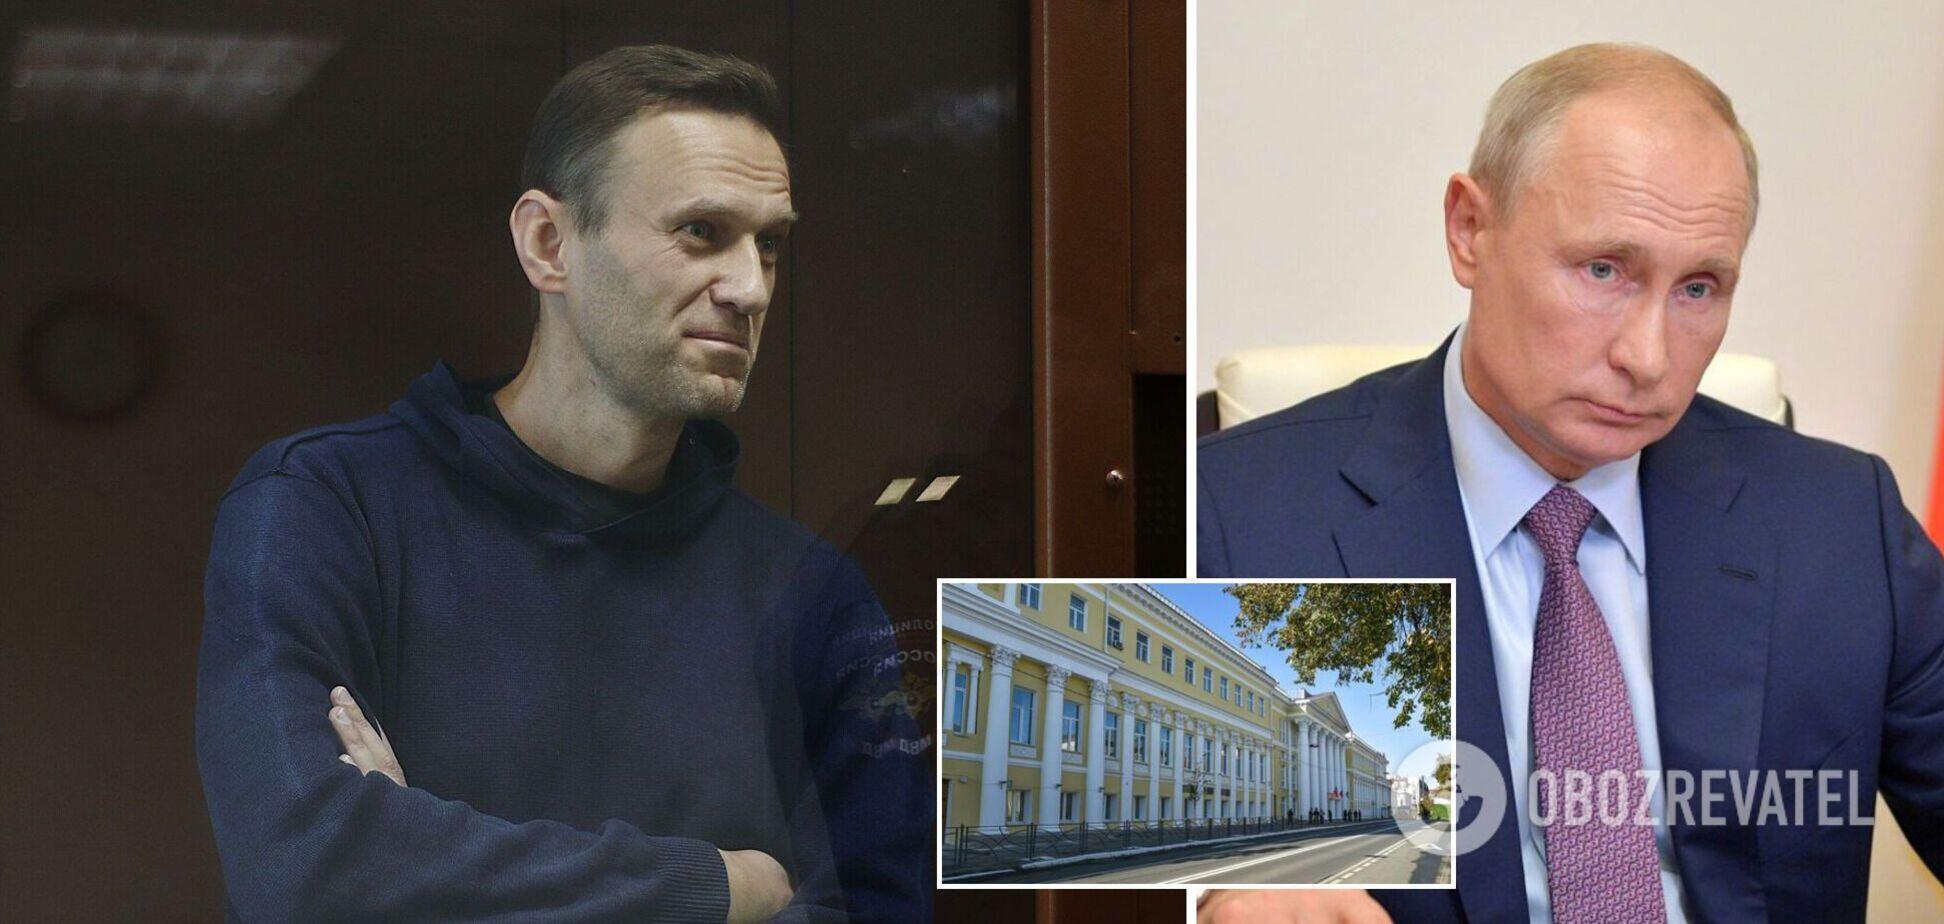 У РФ викладач назвав Путіна царем і закликав студентів 'не вписуватися за Навального'